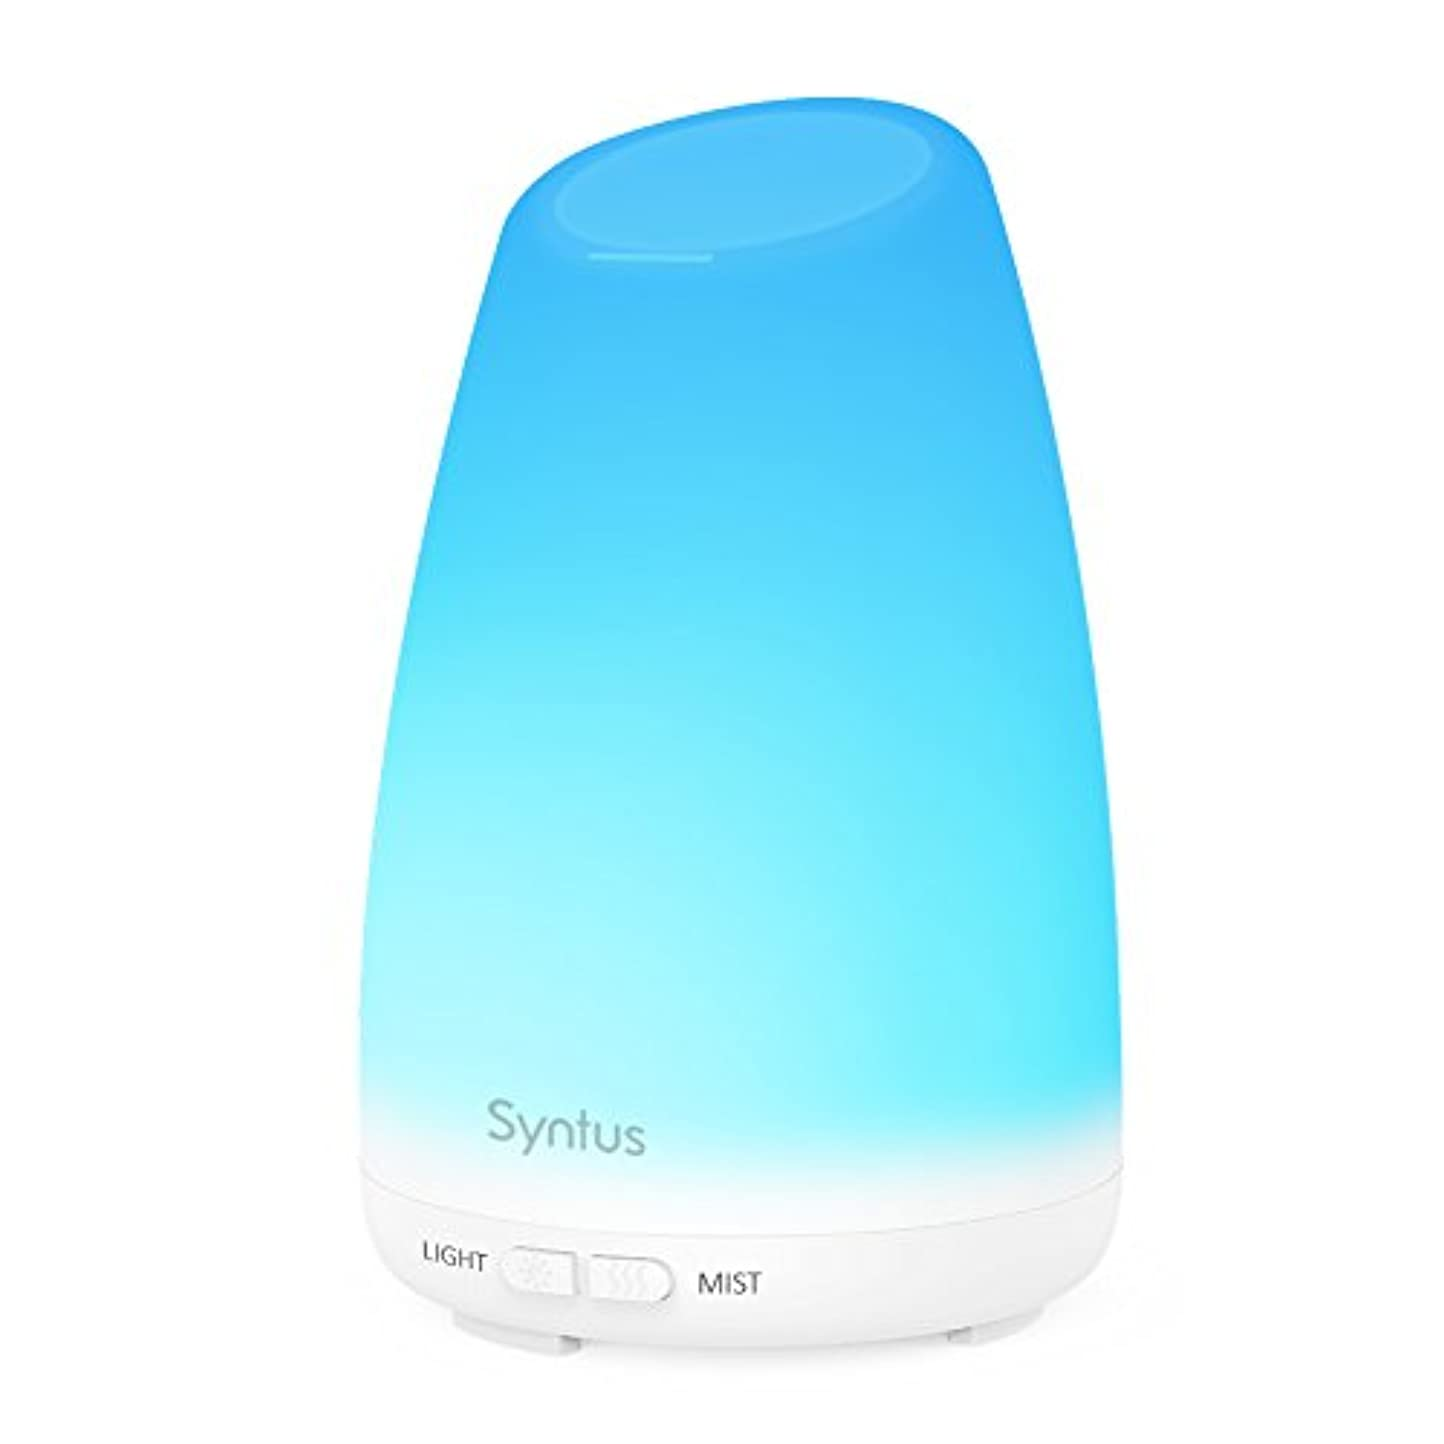 代わって組立ベッツィトロットウッドSyntus 150ml エッセンシャルオイルディフューザー ポータブル超音波式アロマセラピーディフューザー 7色に変わるLEDライト 変更可能なミストモード 水切れ自動停止機能